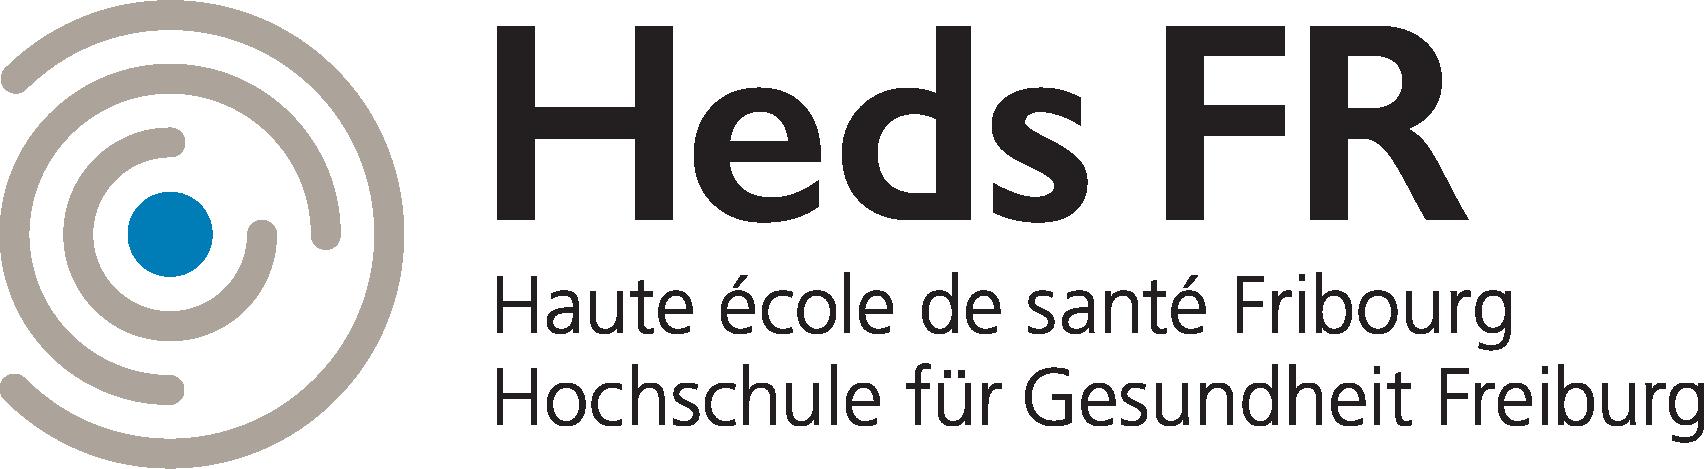 Heds-FR_RVB.png